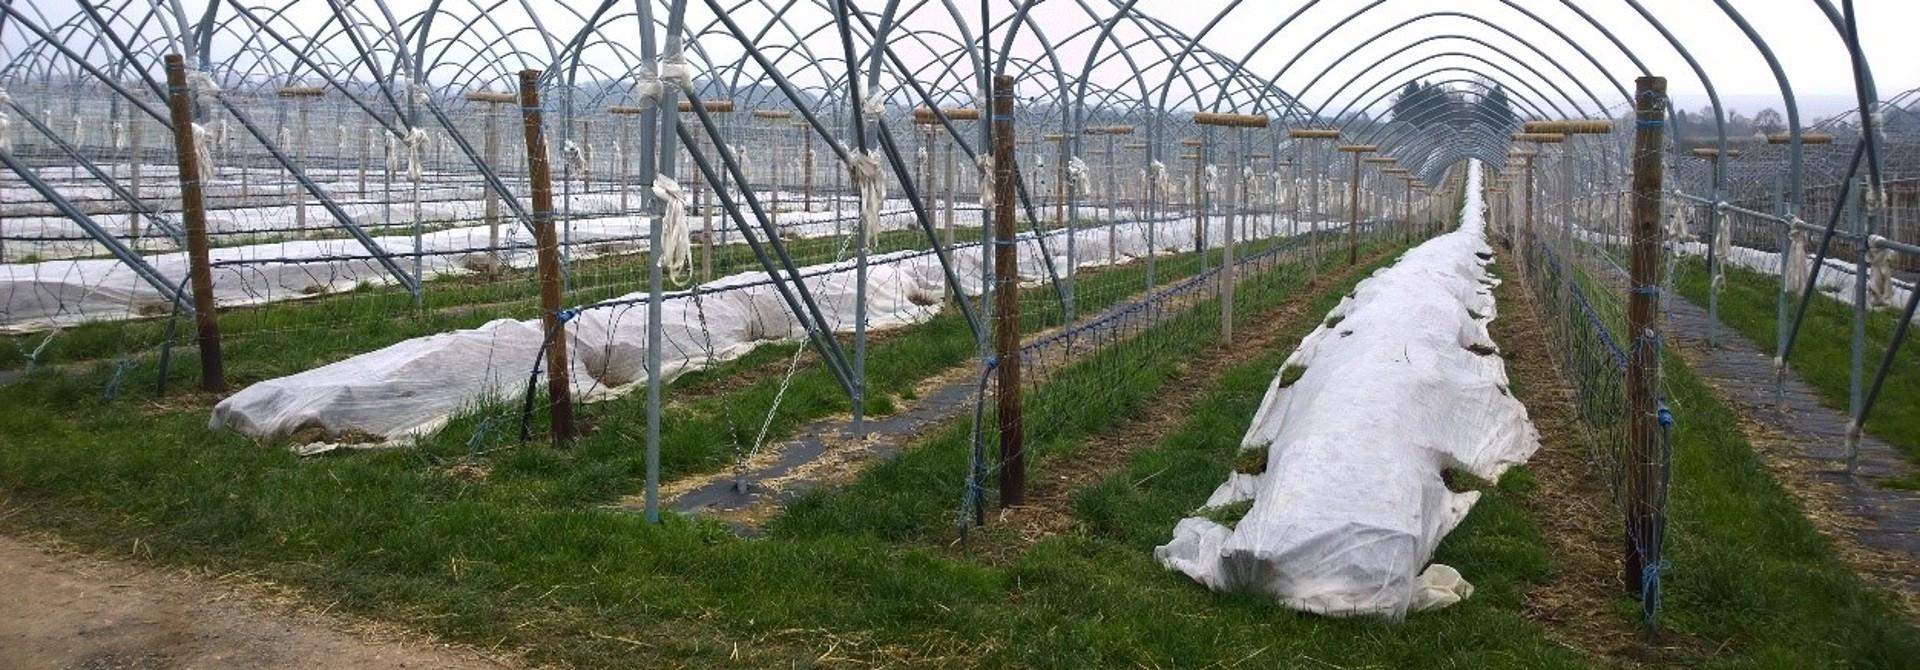 Himbeeren oder Brombeeren im Topf (long cane) werden bei Dauerfrost zum Schutz auf den Boden gelegt und mit schwerem Vlies abgedeckt>